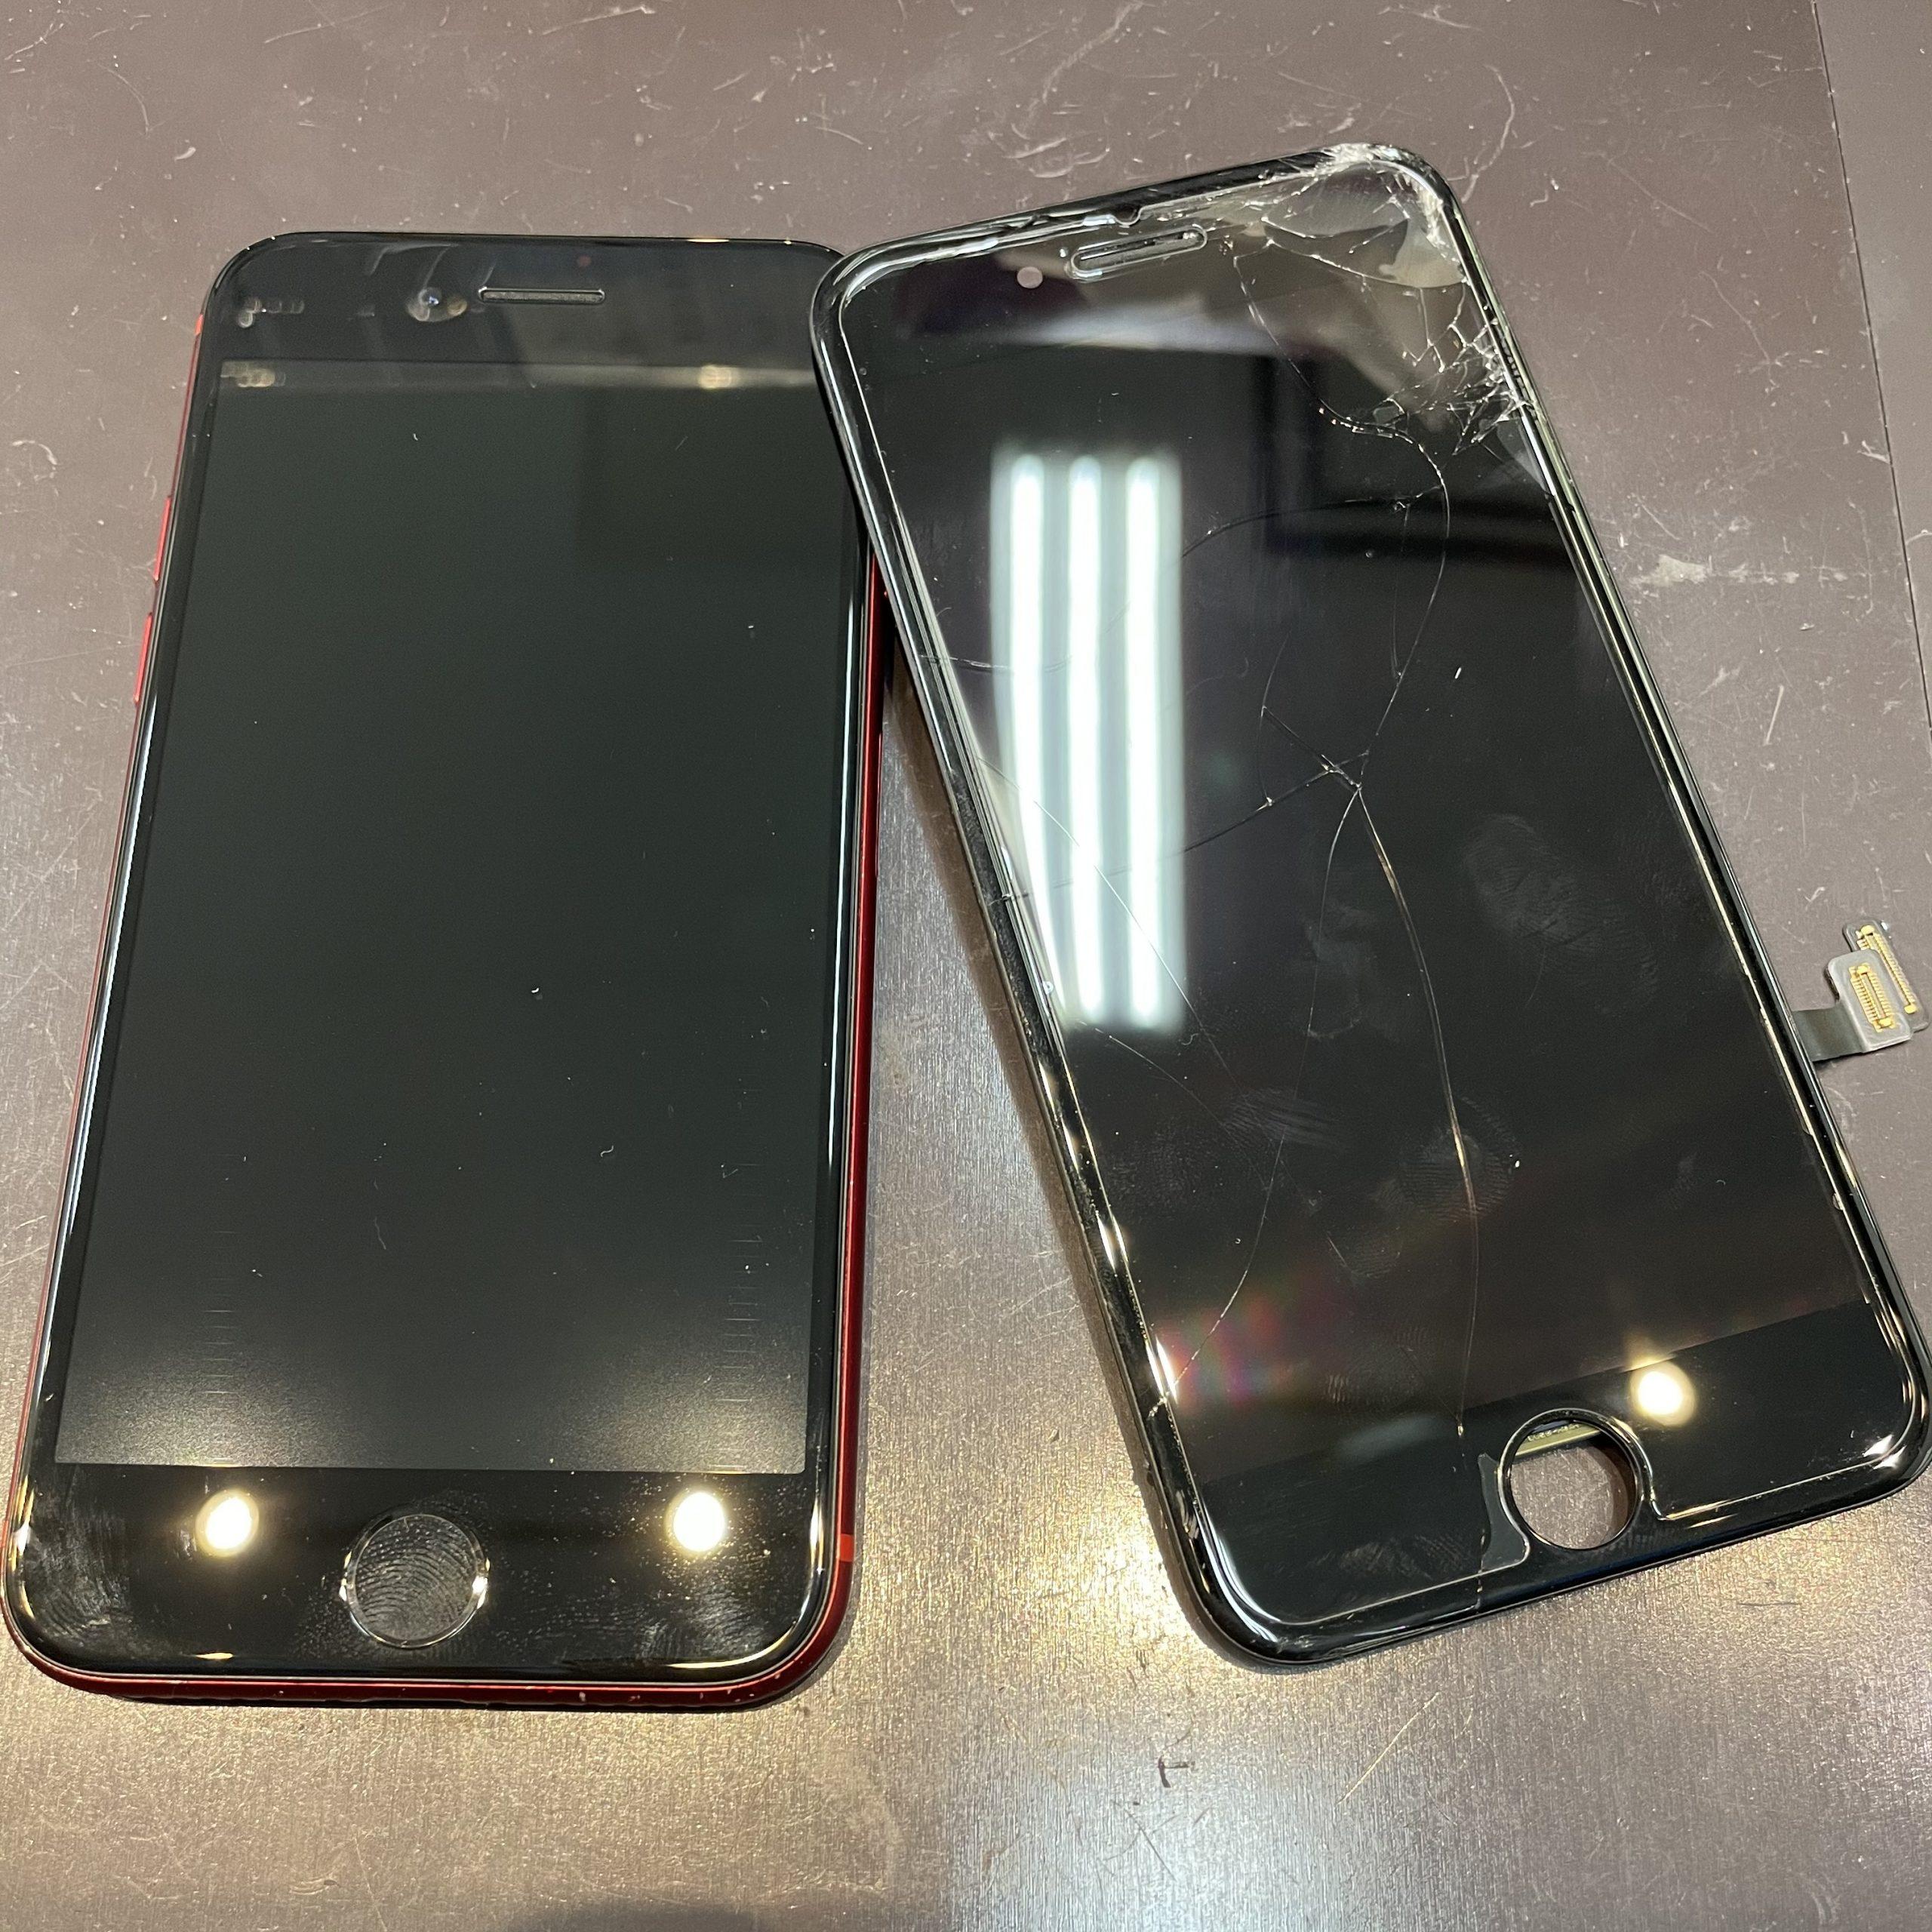 iPhone8の画面交換に伊万里市よりご来店くださいました✨